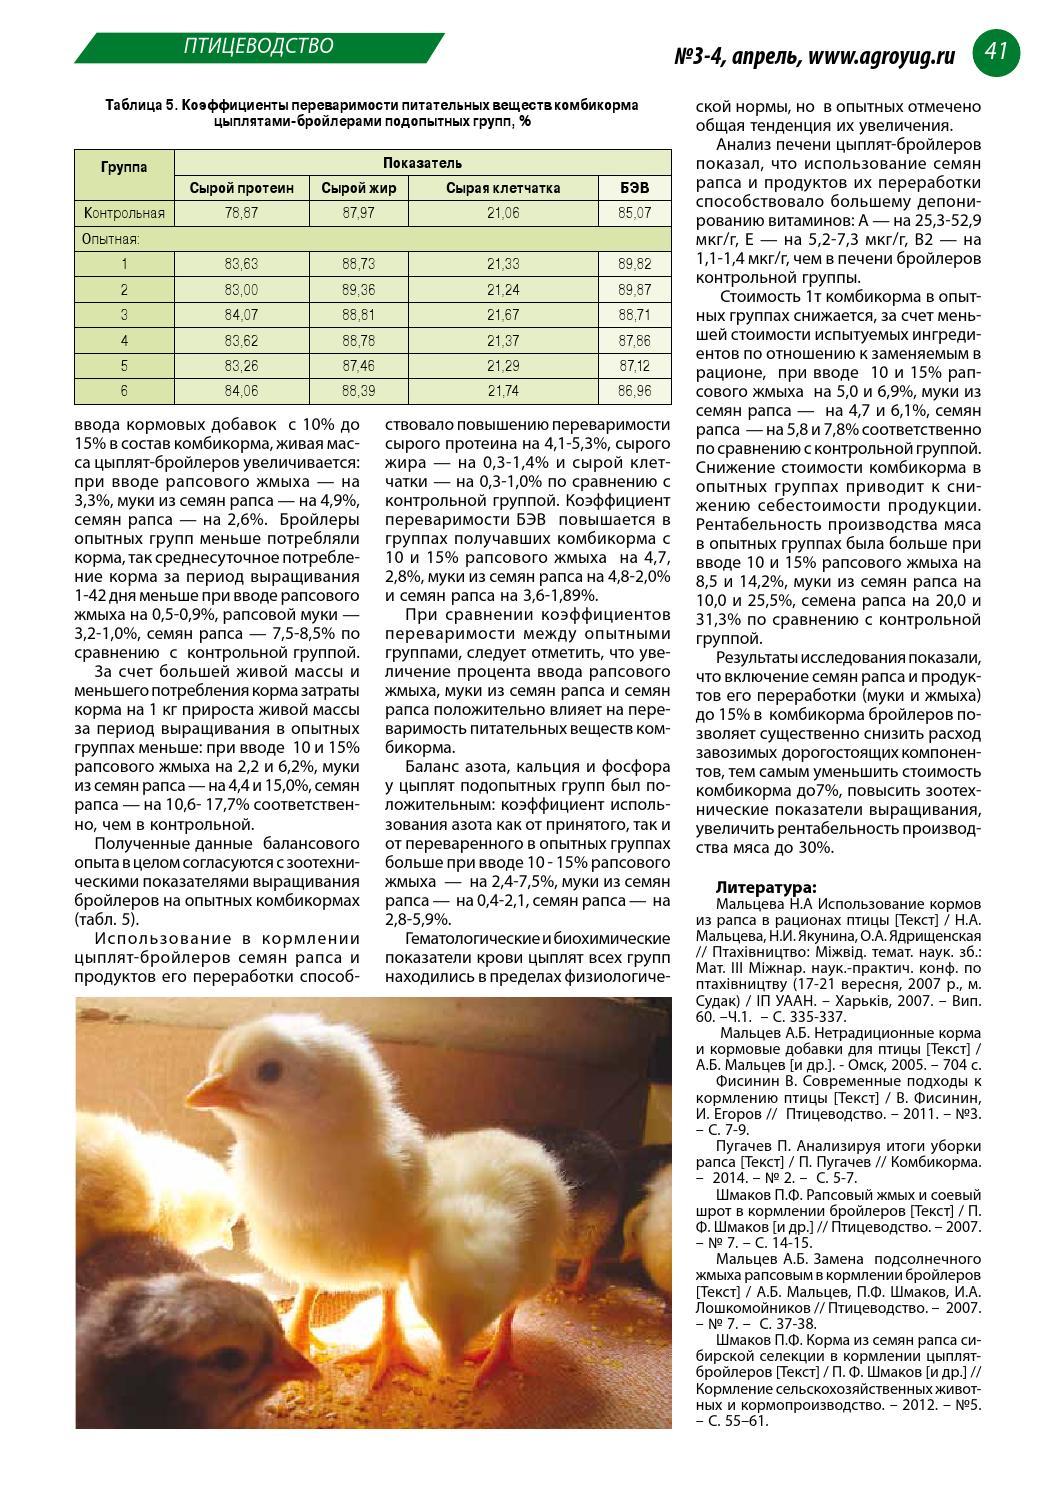 Как откормить бройлеров: составление меню цыпленка